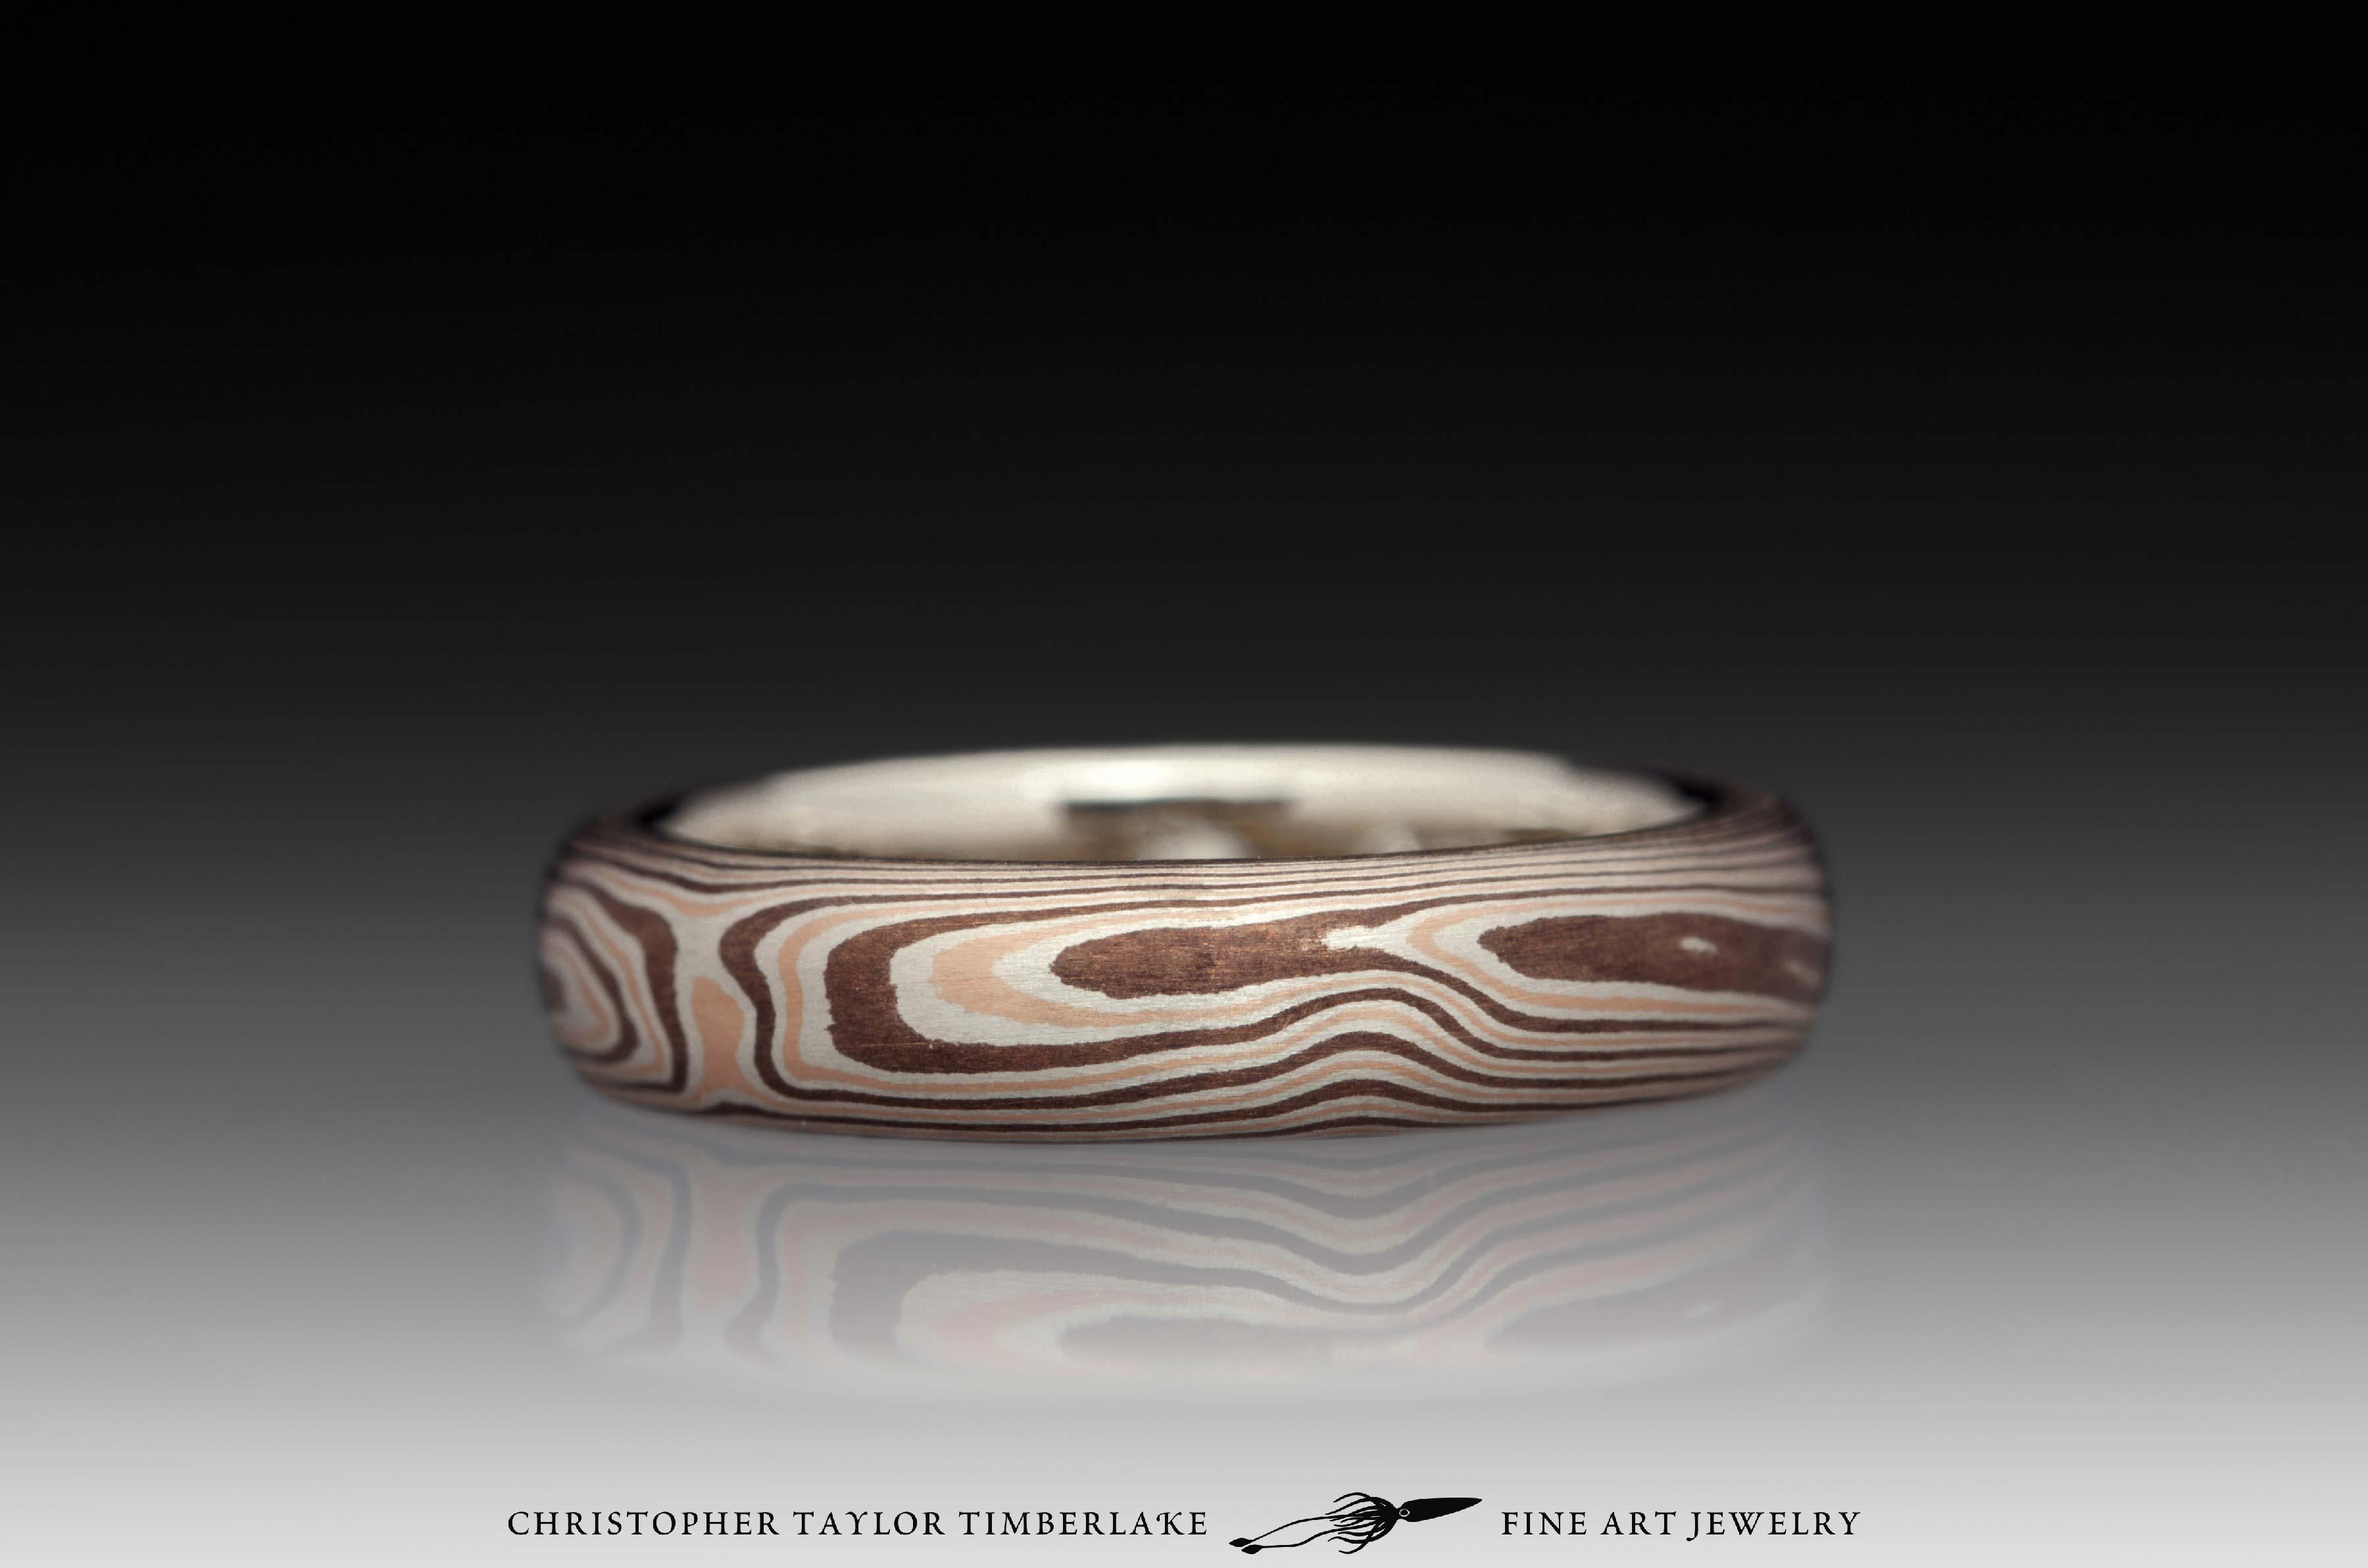 Mokumé-Mokume-Gane-Ring-(M81)-14K-rose-gold,-sterling-silver-with-palladium,-shakudo-2k,-14K-white-gold-inner-band,-domed,-flush-set-rd-2.9mm-diamond,-woodgrain,-4mm-3